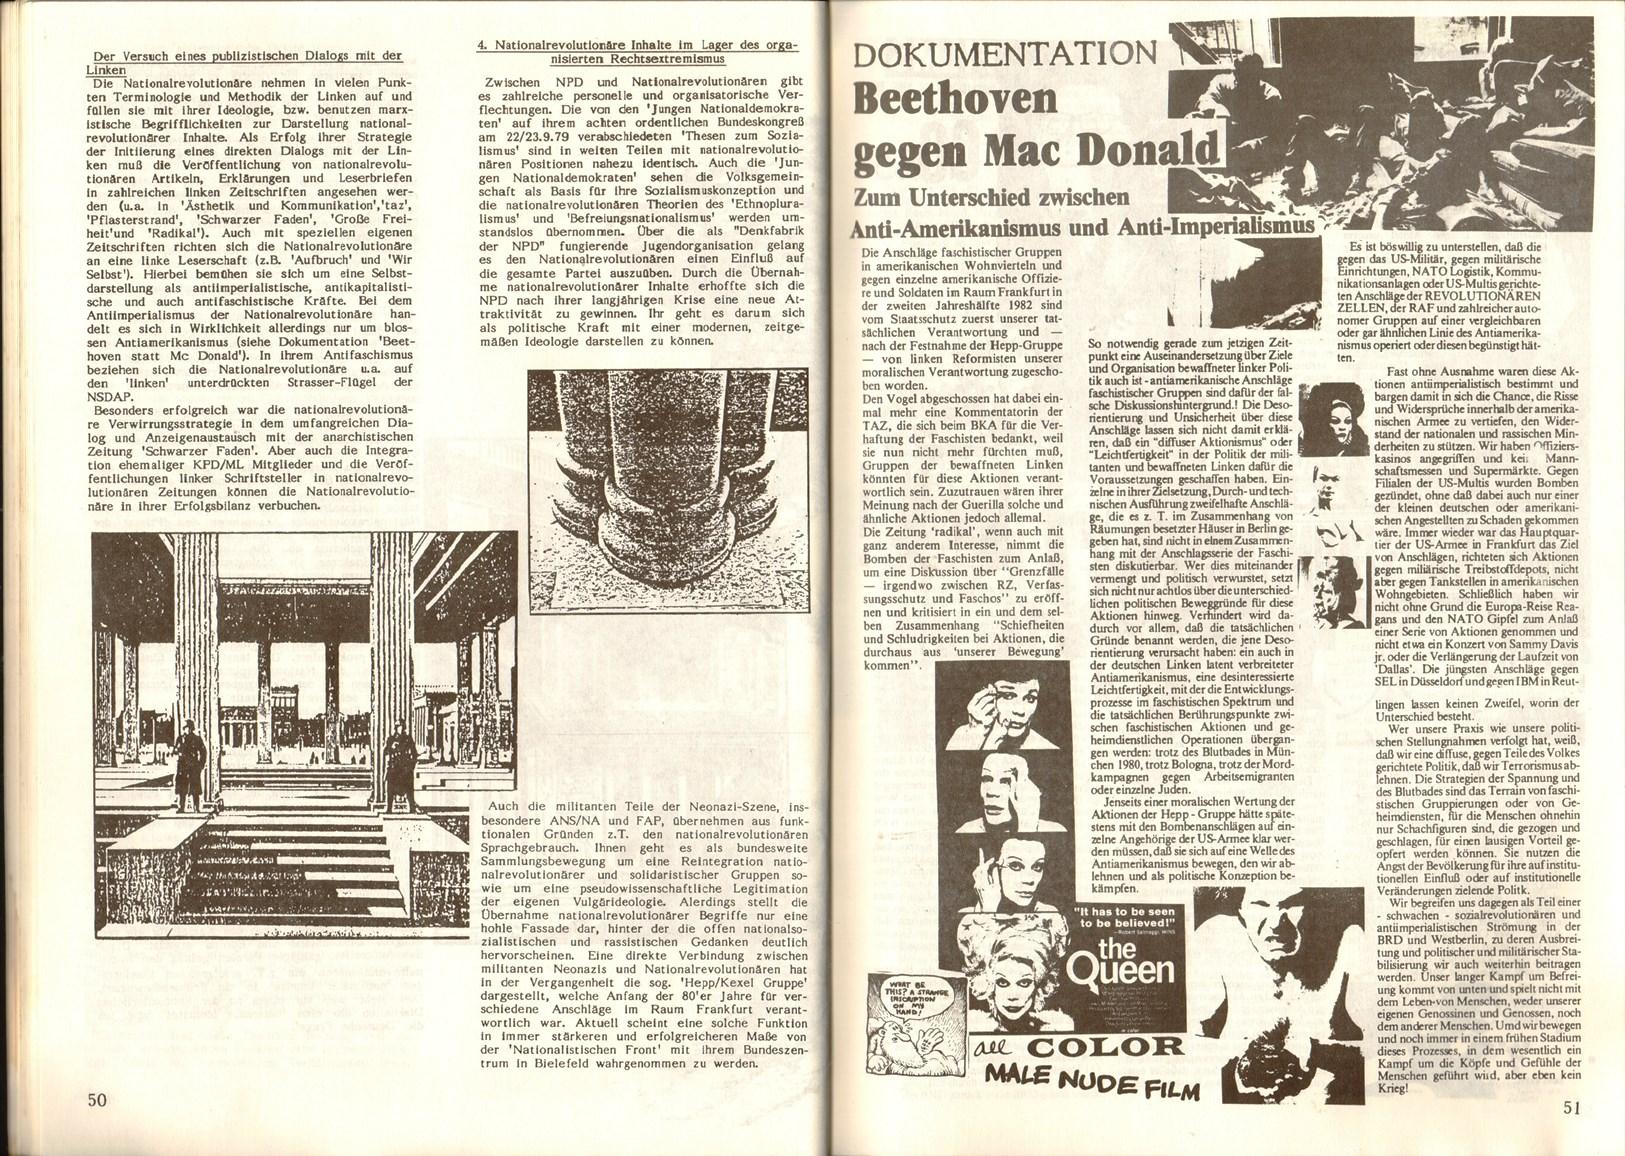 Gelsenkirchen_Zukunft_Vergangenheit_1988_26